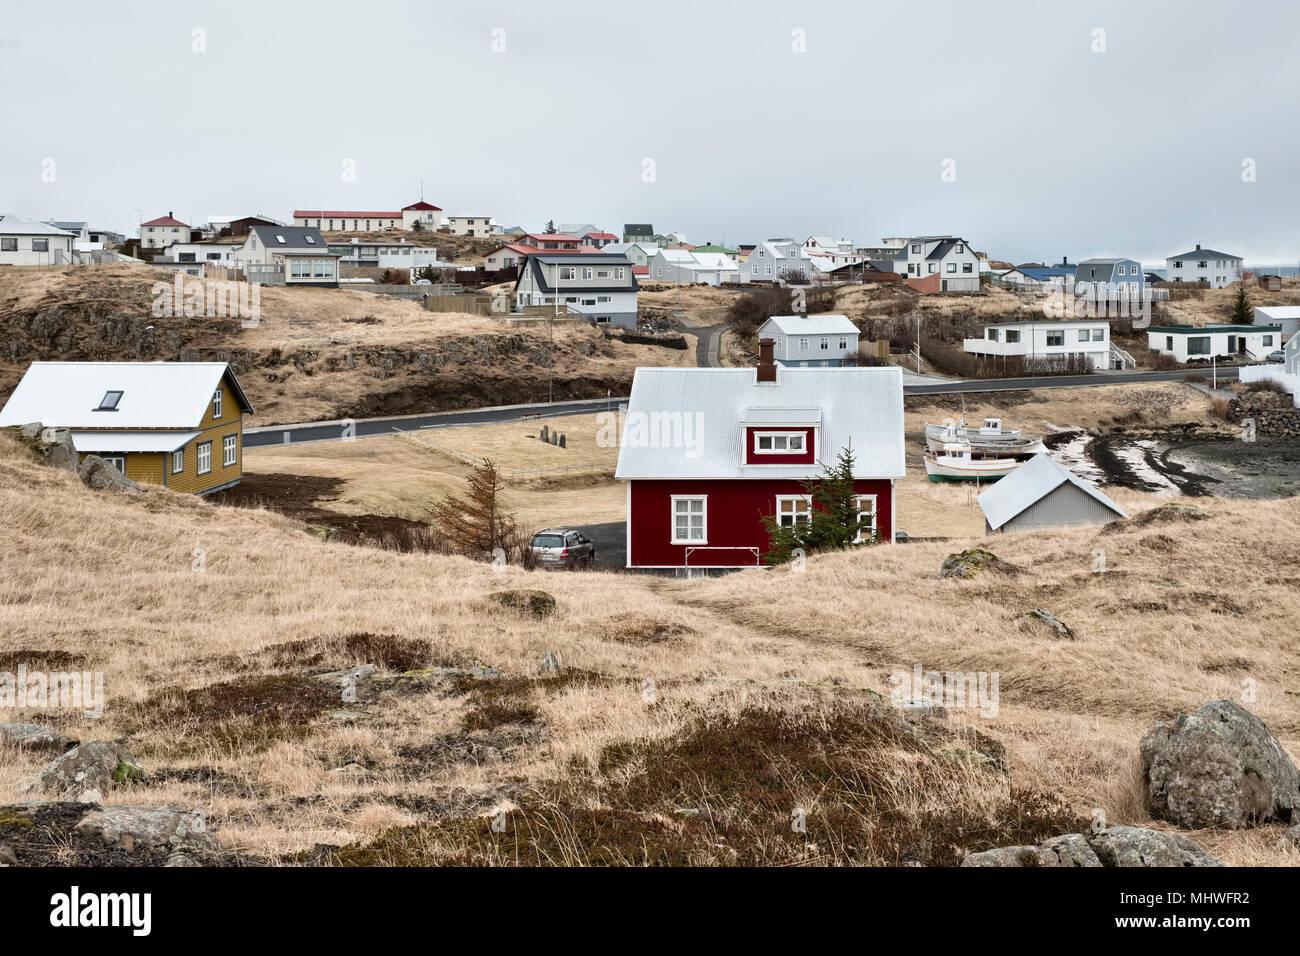 L'Islande de l'Ouest - maisons typiques dans la ville pittoresque de Stykkishólmur sur la péninsule de Snæfellsnes. Photo Stock